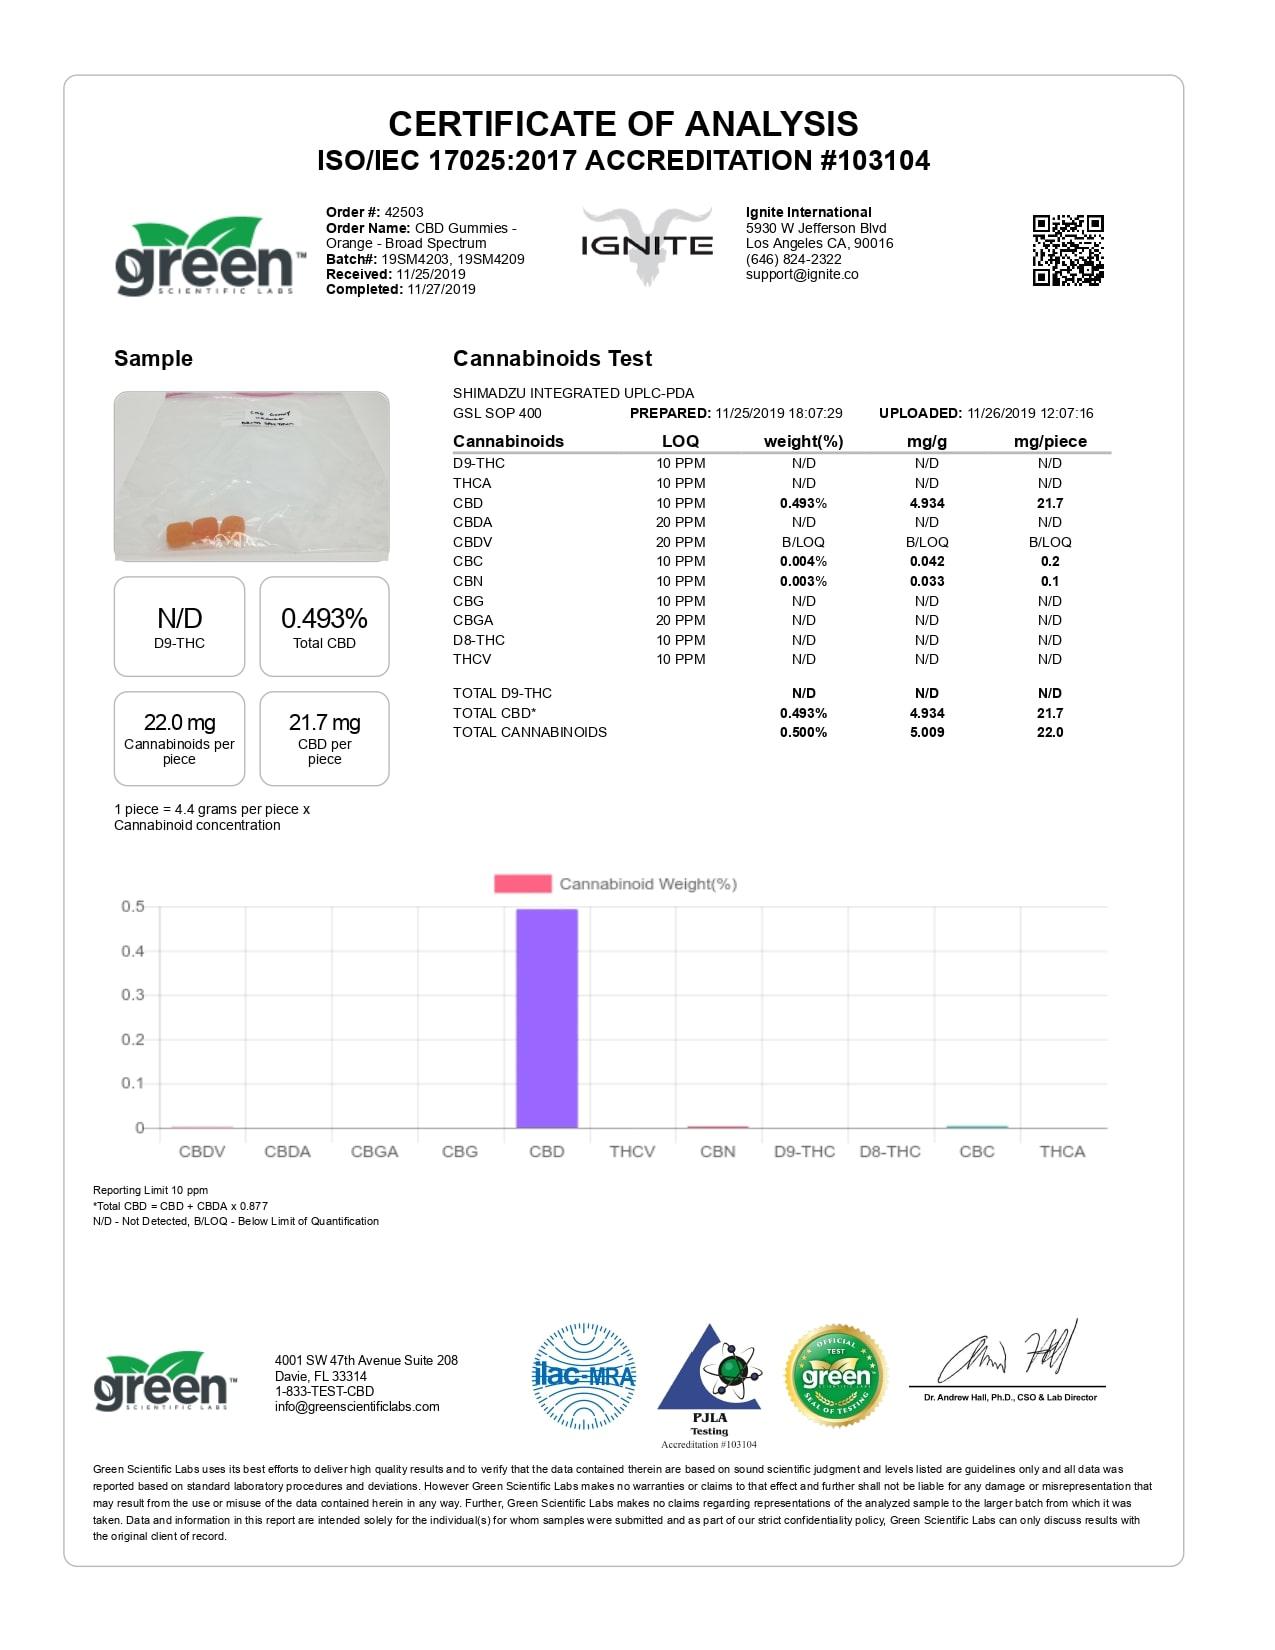 IGNITE CBD Gummies Orange Lab Report Broad Spectrum 40mg